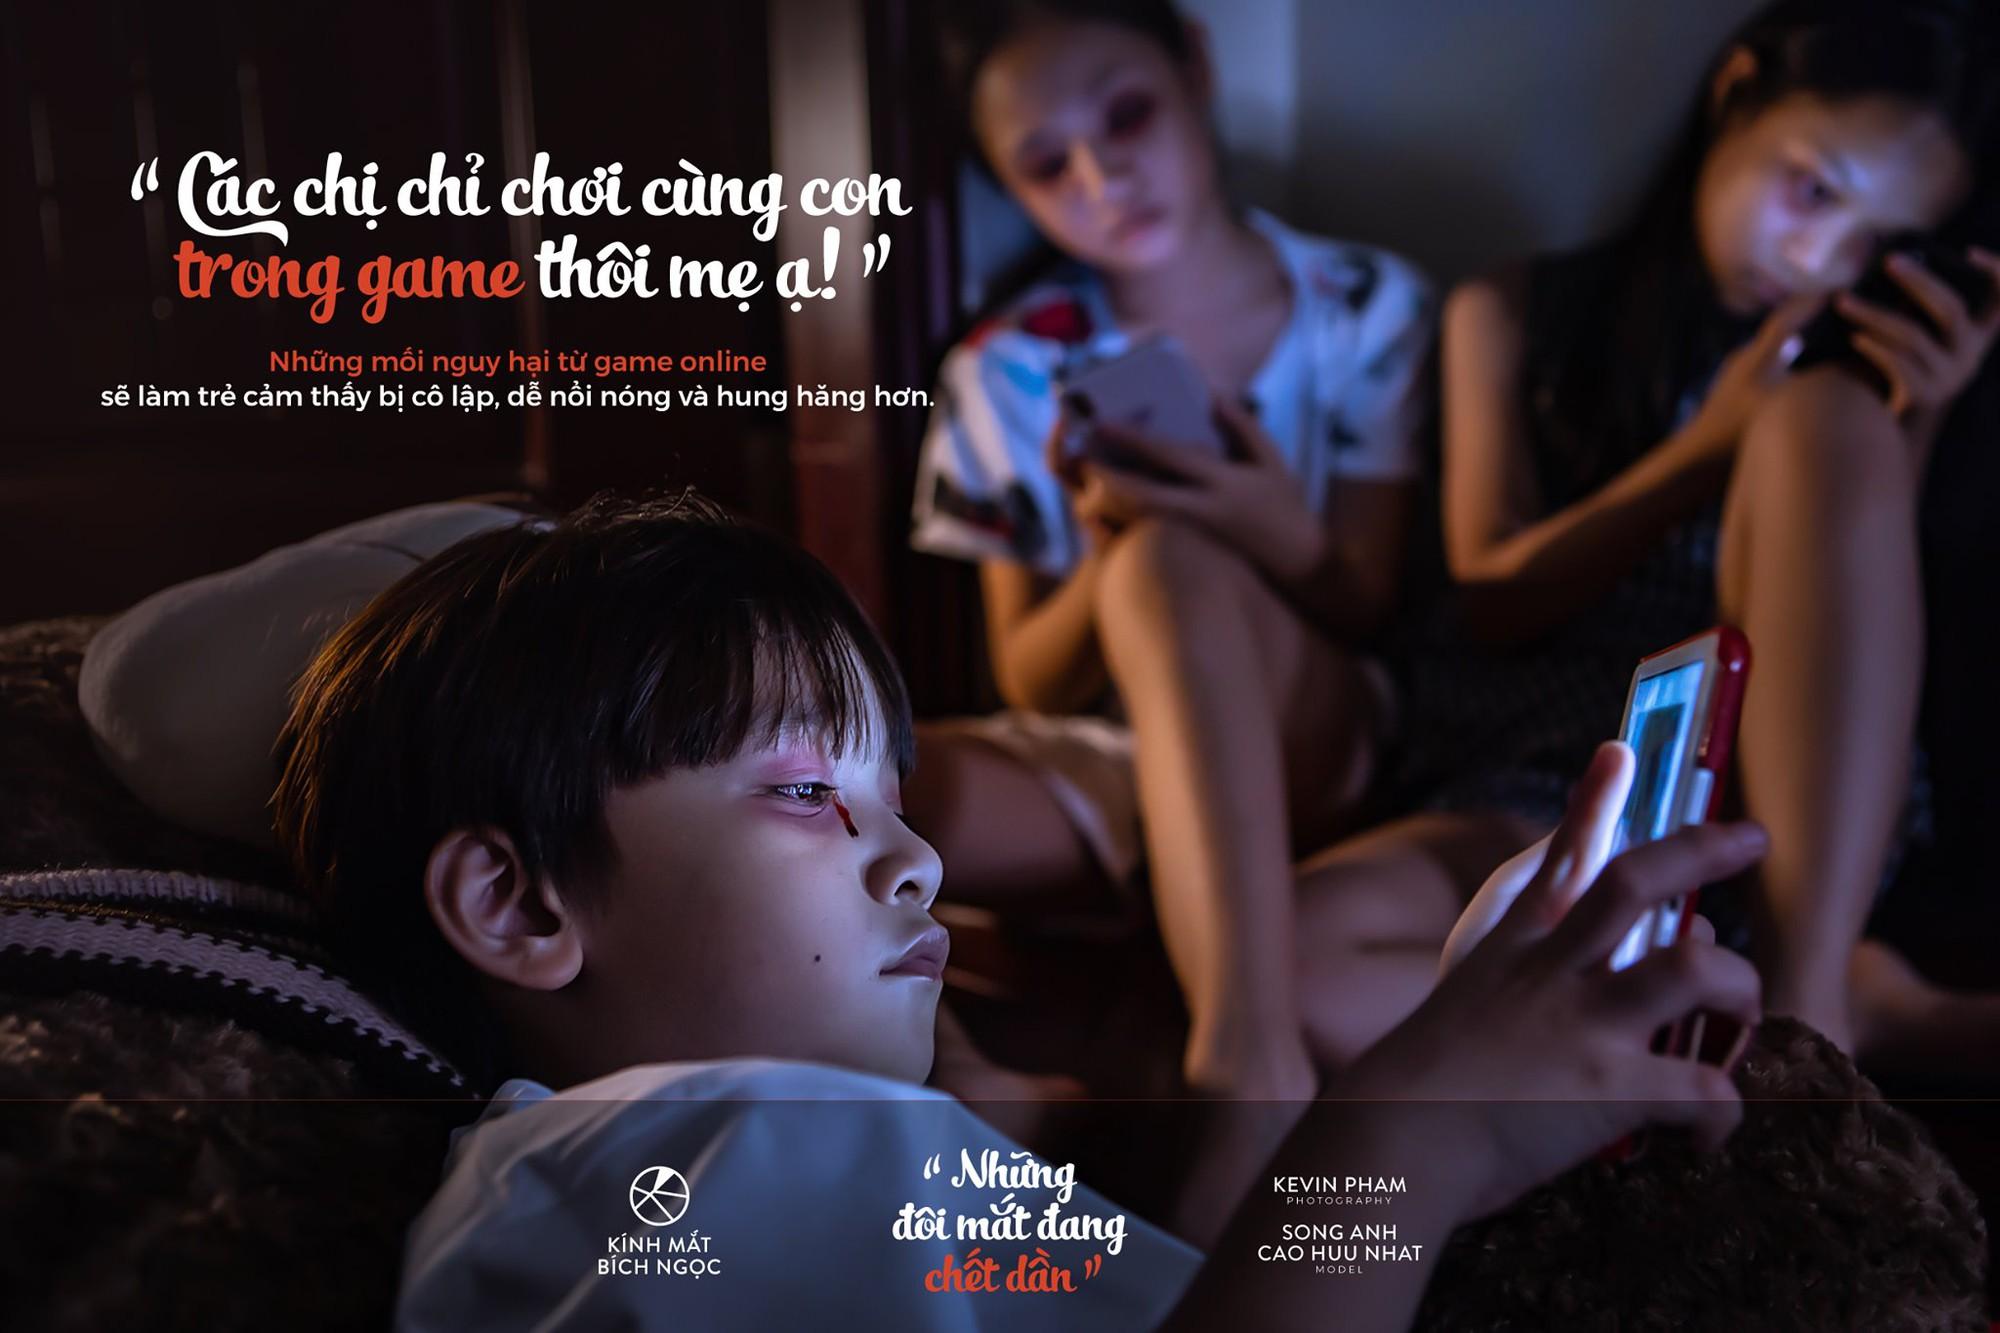 Cha mẹ thời 4.0: Khi Smartphone trở thành 'công cụ dỗ dành' - Ảnh 6.